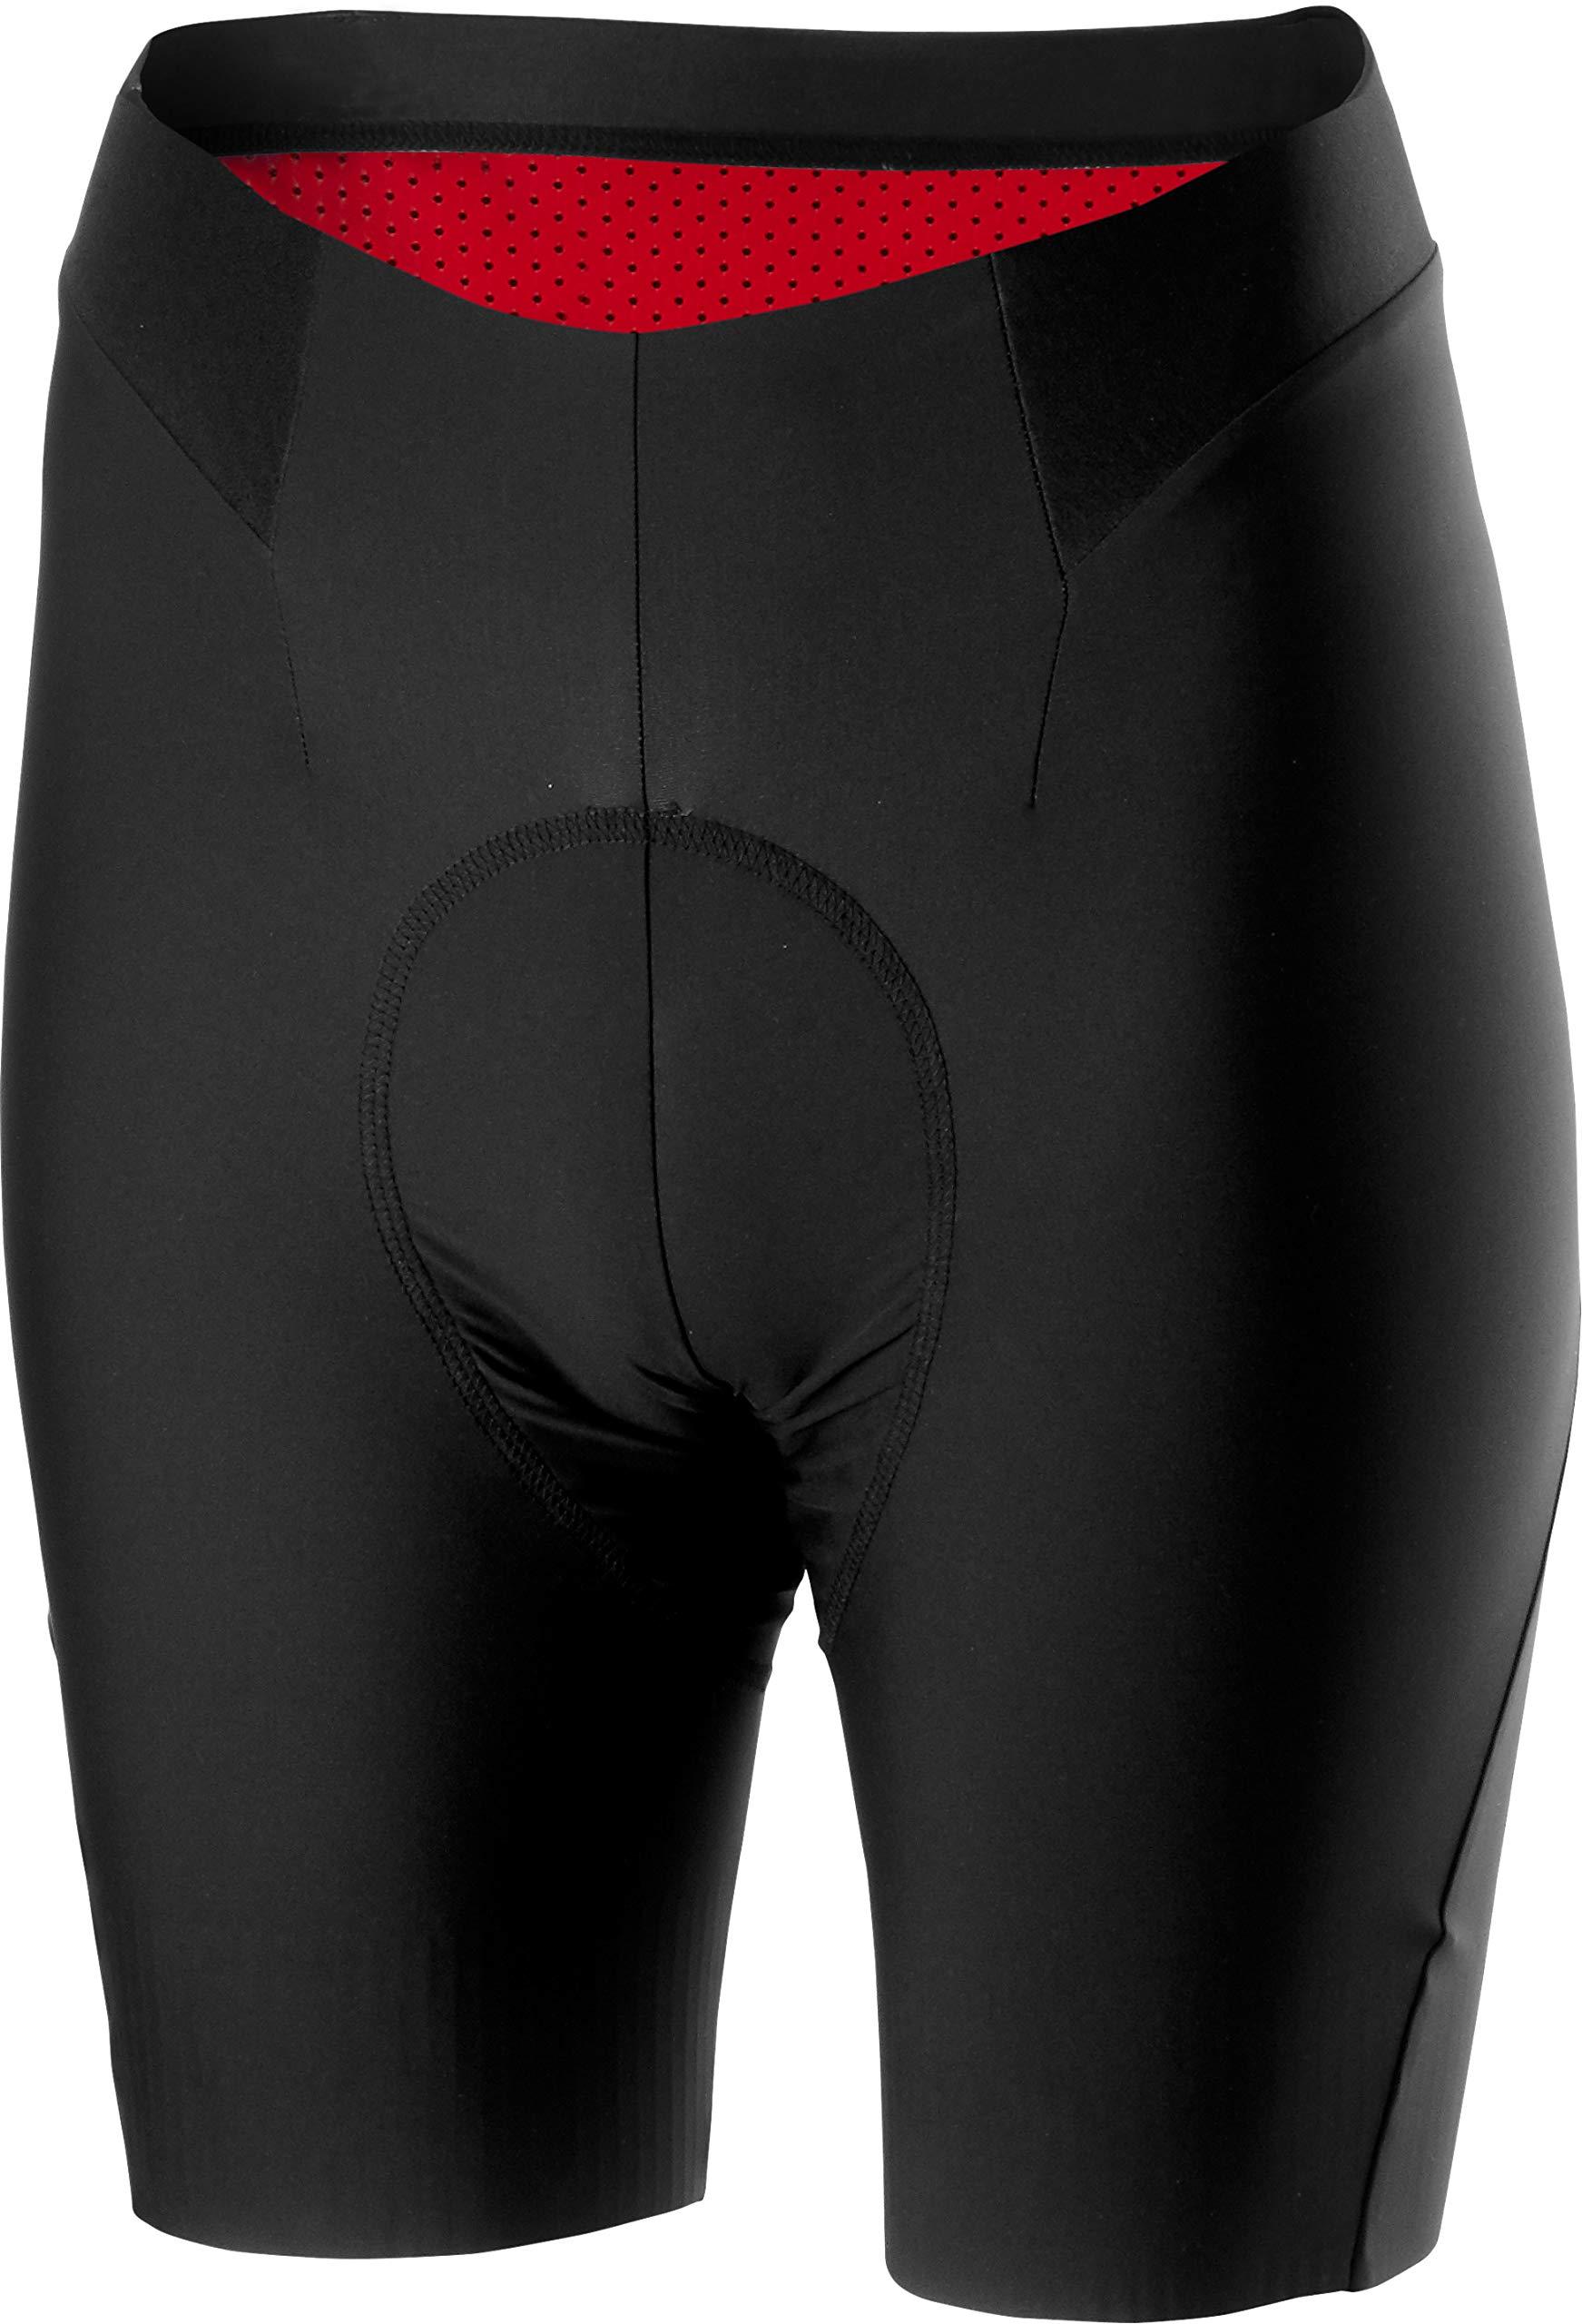 Castelli Premio 2 Short - Women's Black, XL